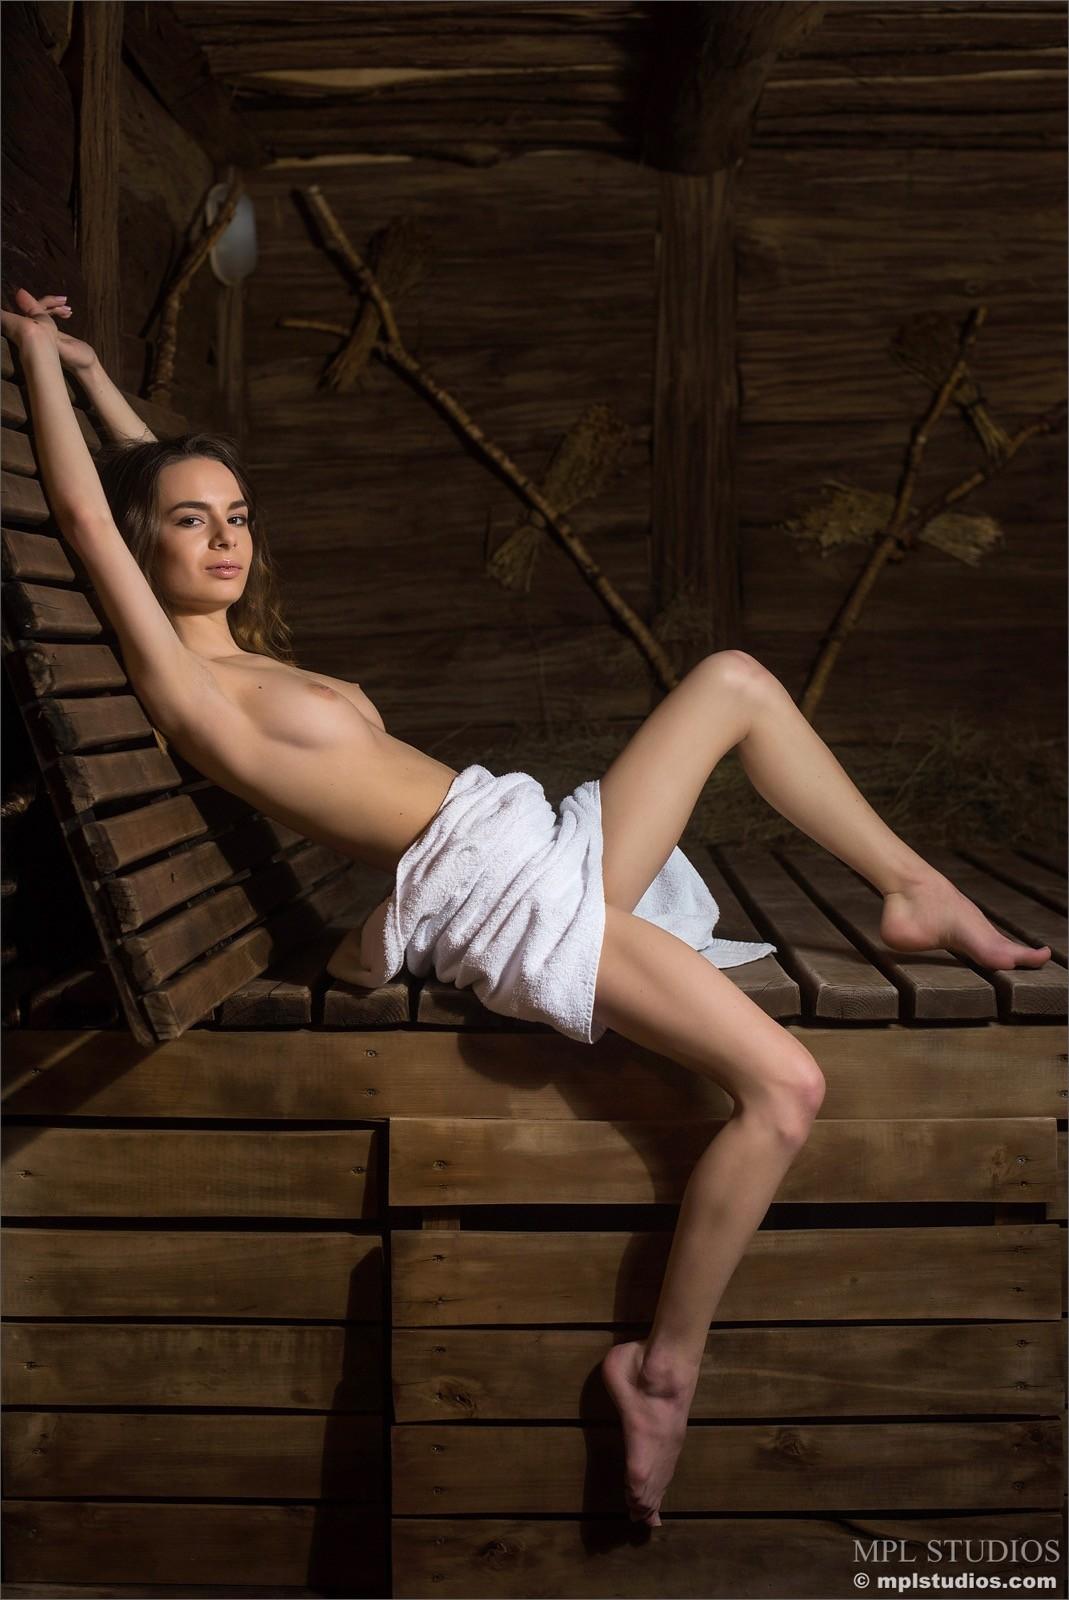 Обнажённая девушка в бане в полотенце - фото